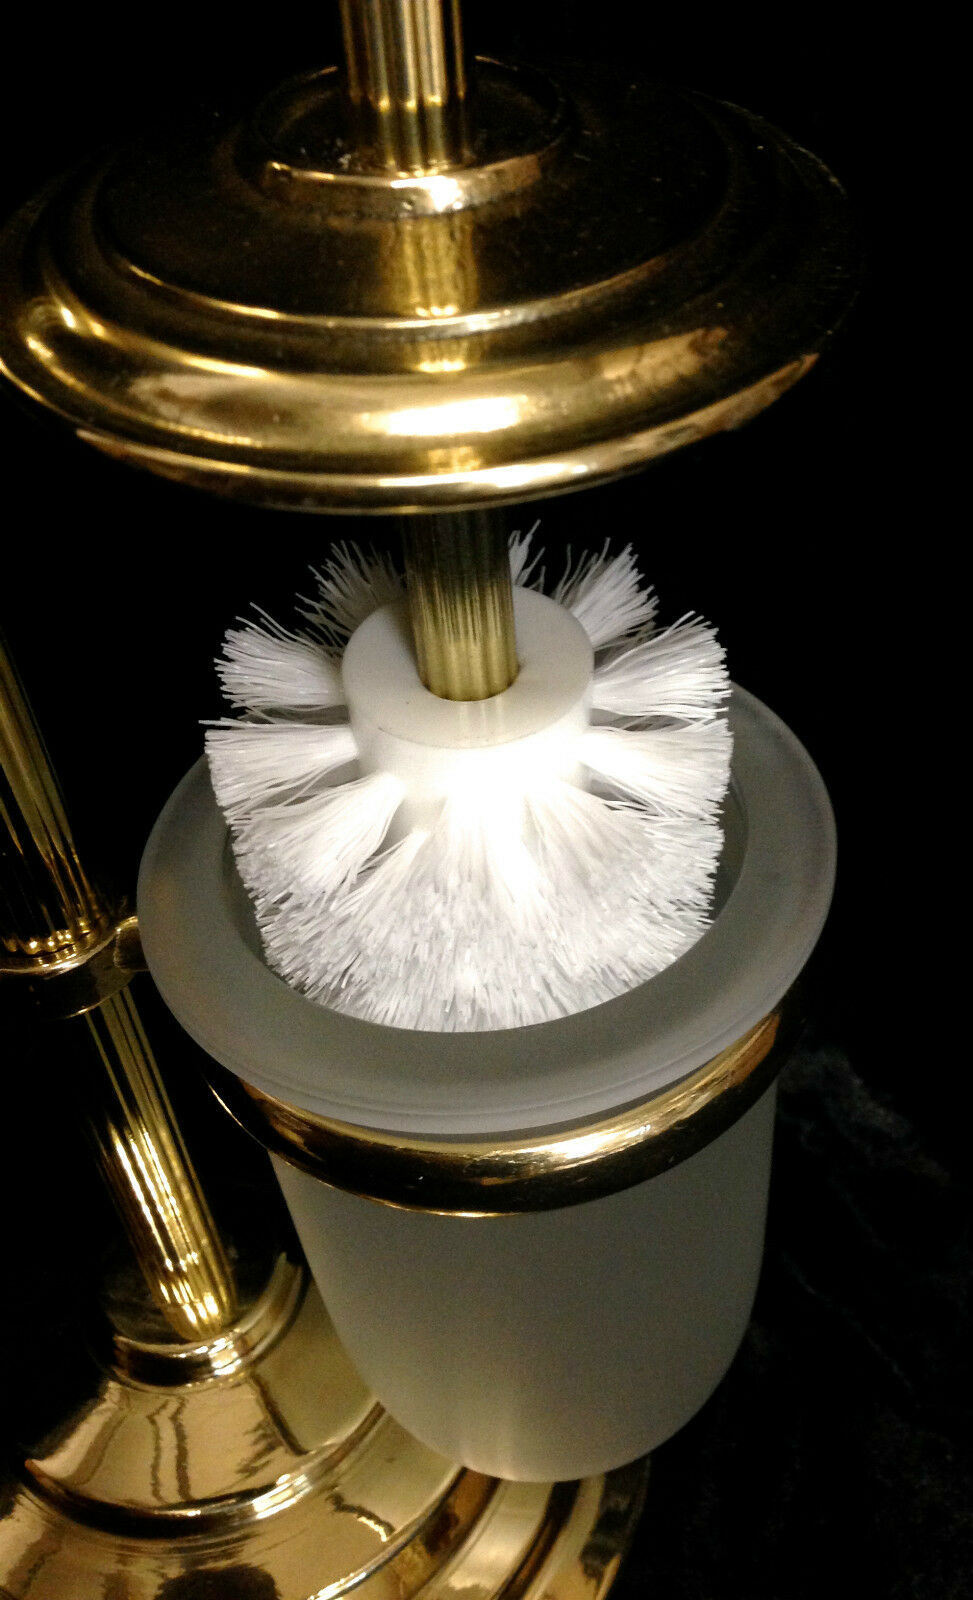 stand wc garnitur 71 cmtoilettenb rste klopapierhalter b rste poliertes messing kaufen bei. Black Bedroom Furniture Sets. Home Design Ideas